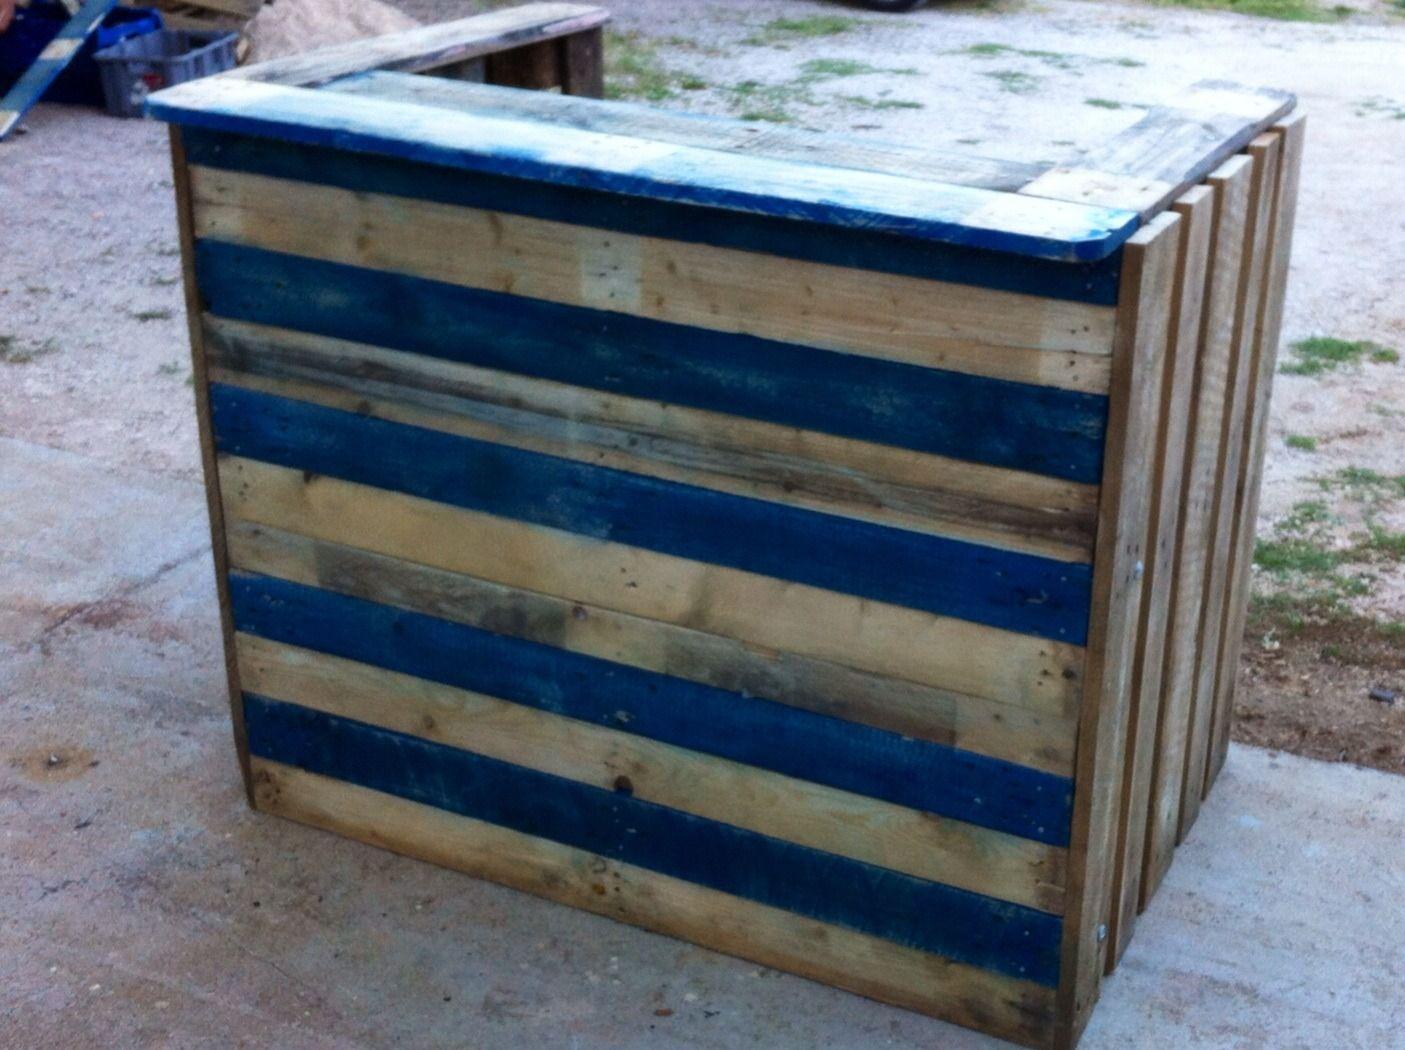 comptoir de bar en palettes recycl es bruts meubles et rangements par les palettes a lolo. Black Bedroom Furniture Sets. Home Design Ideas